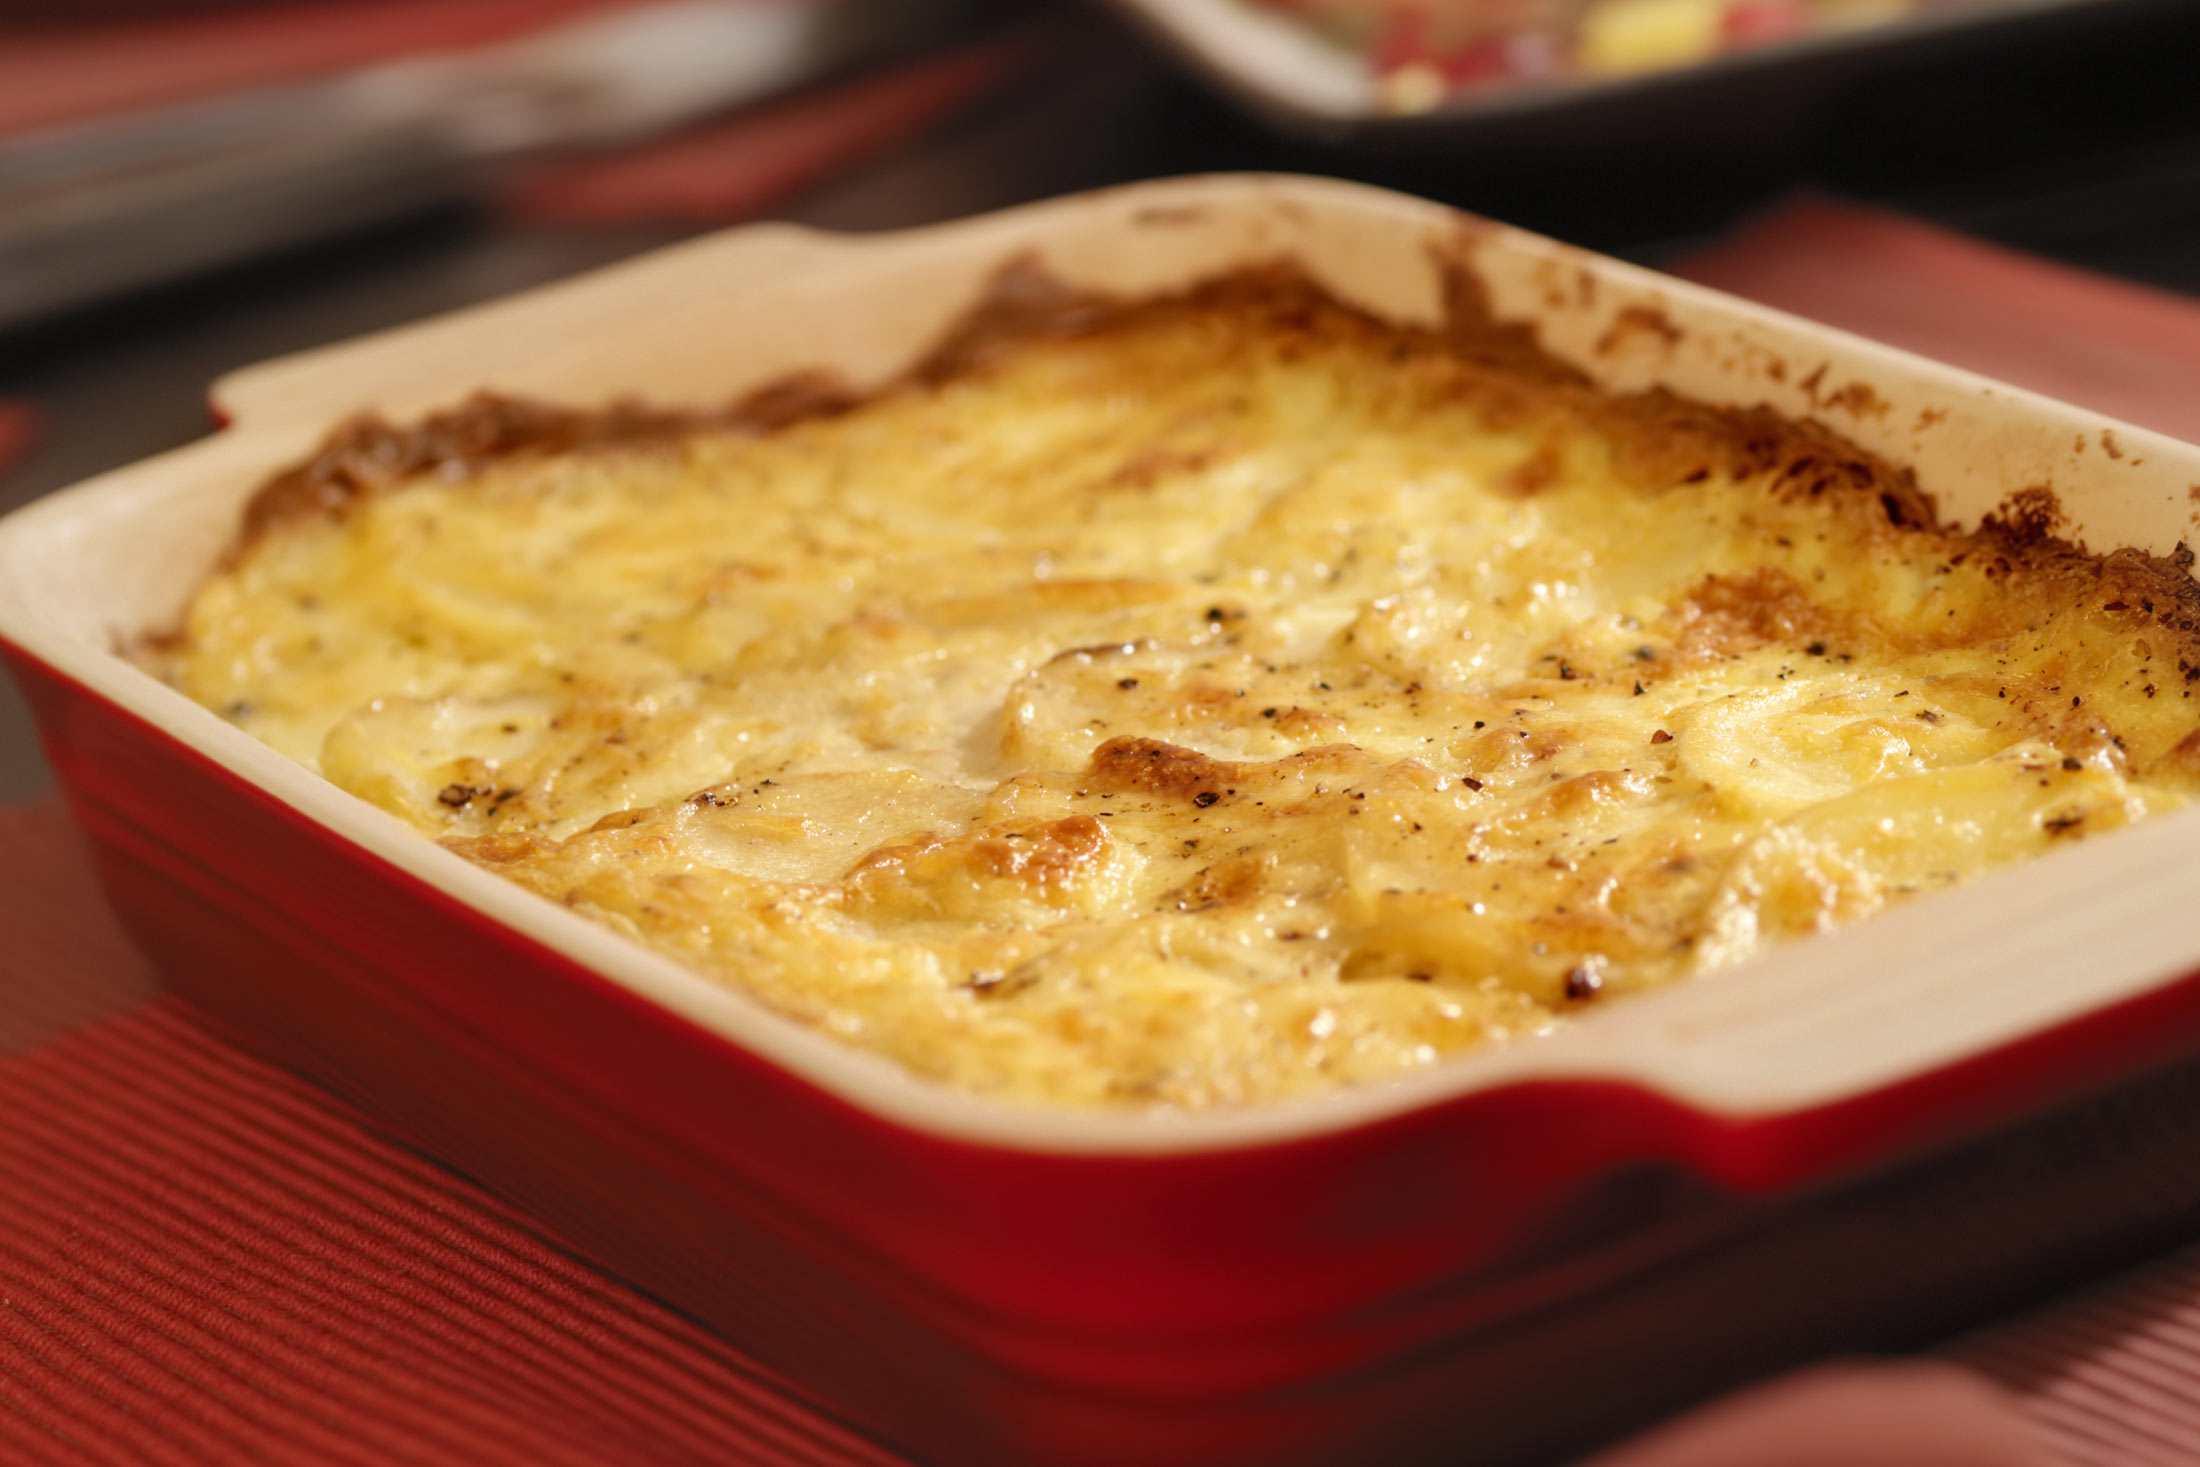 creamy potato casserole recipe with sour cream